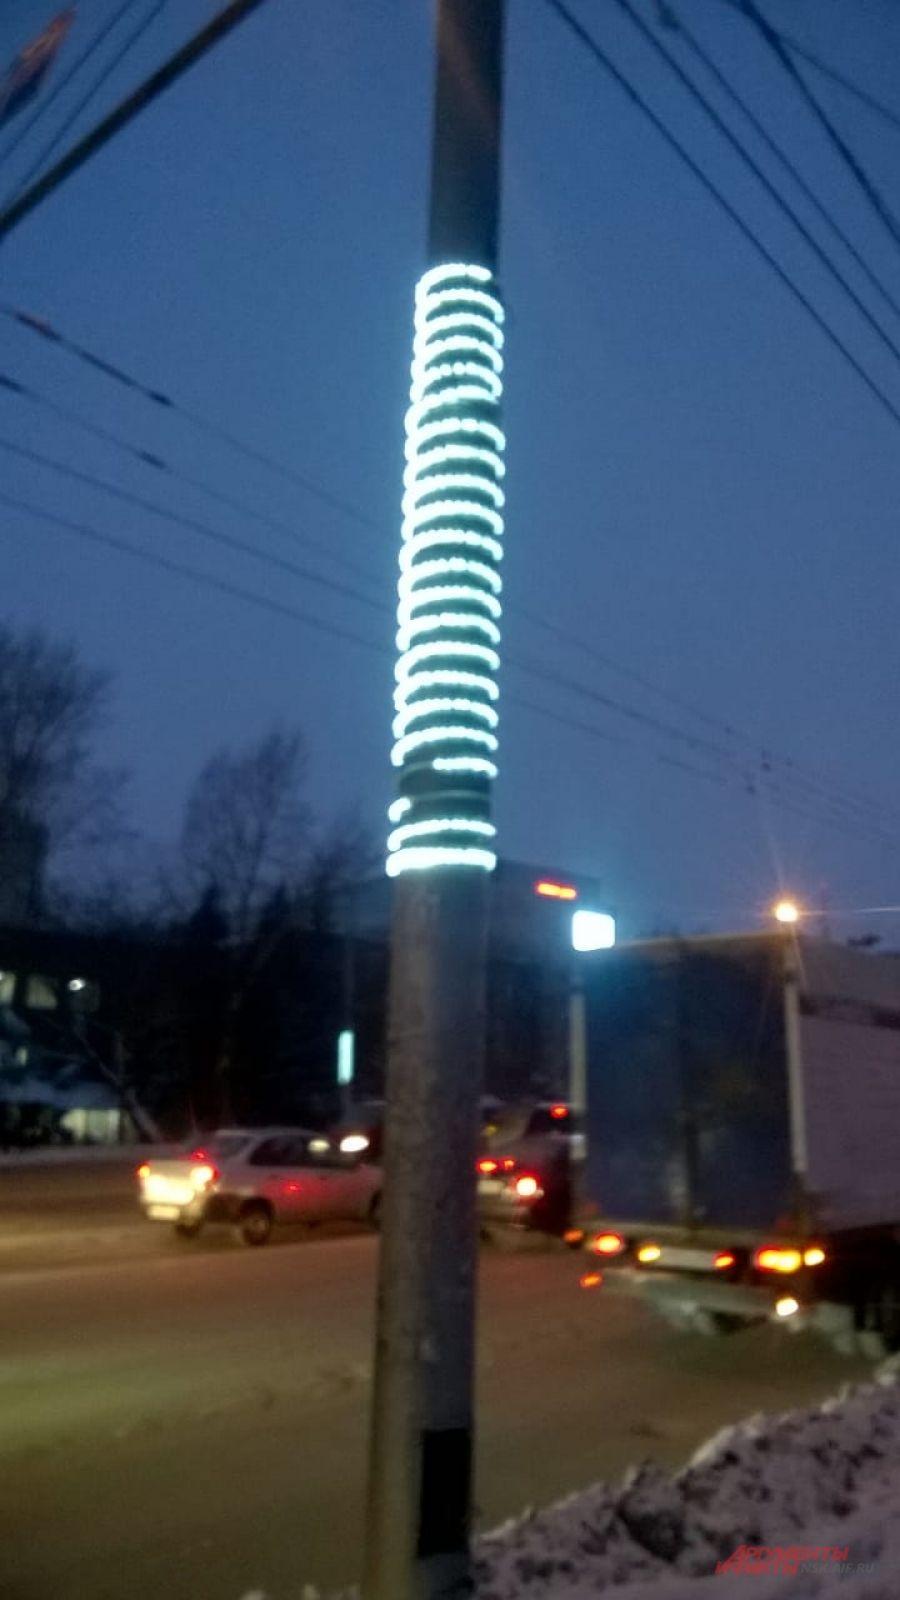 Из декора - обмотанная вокруг столбов гирлянда.